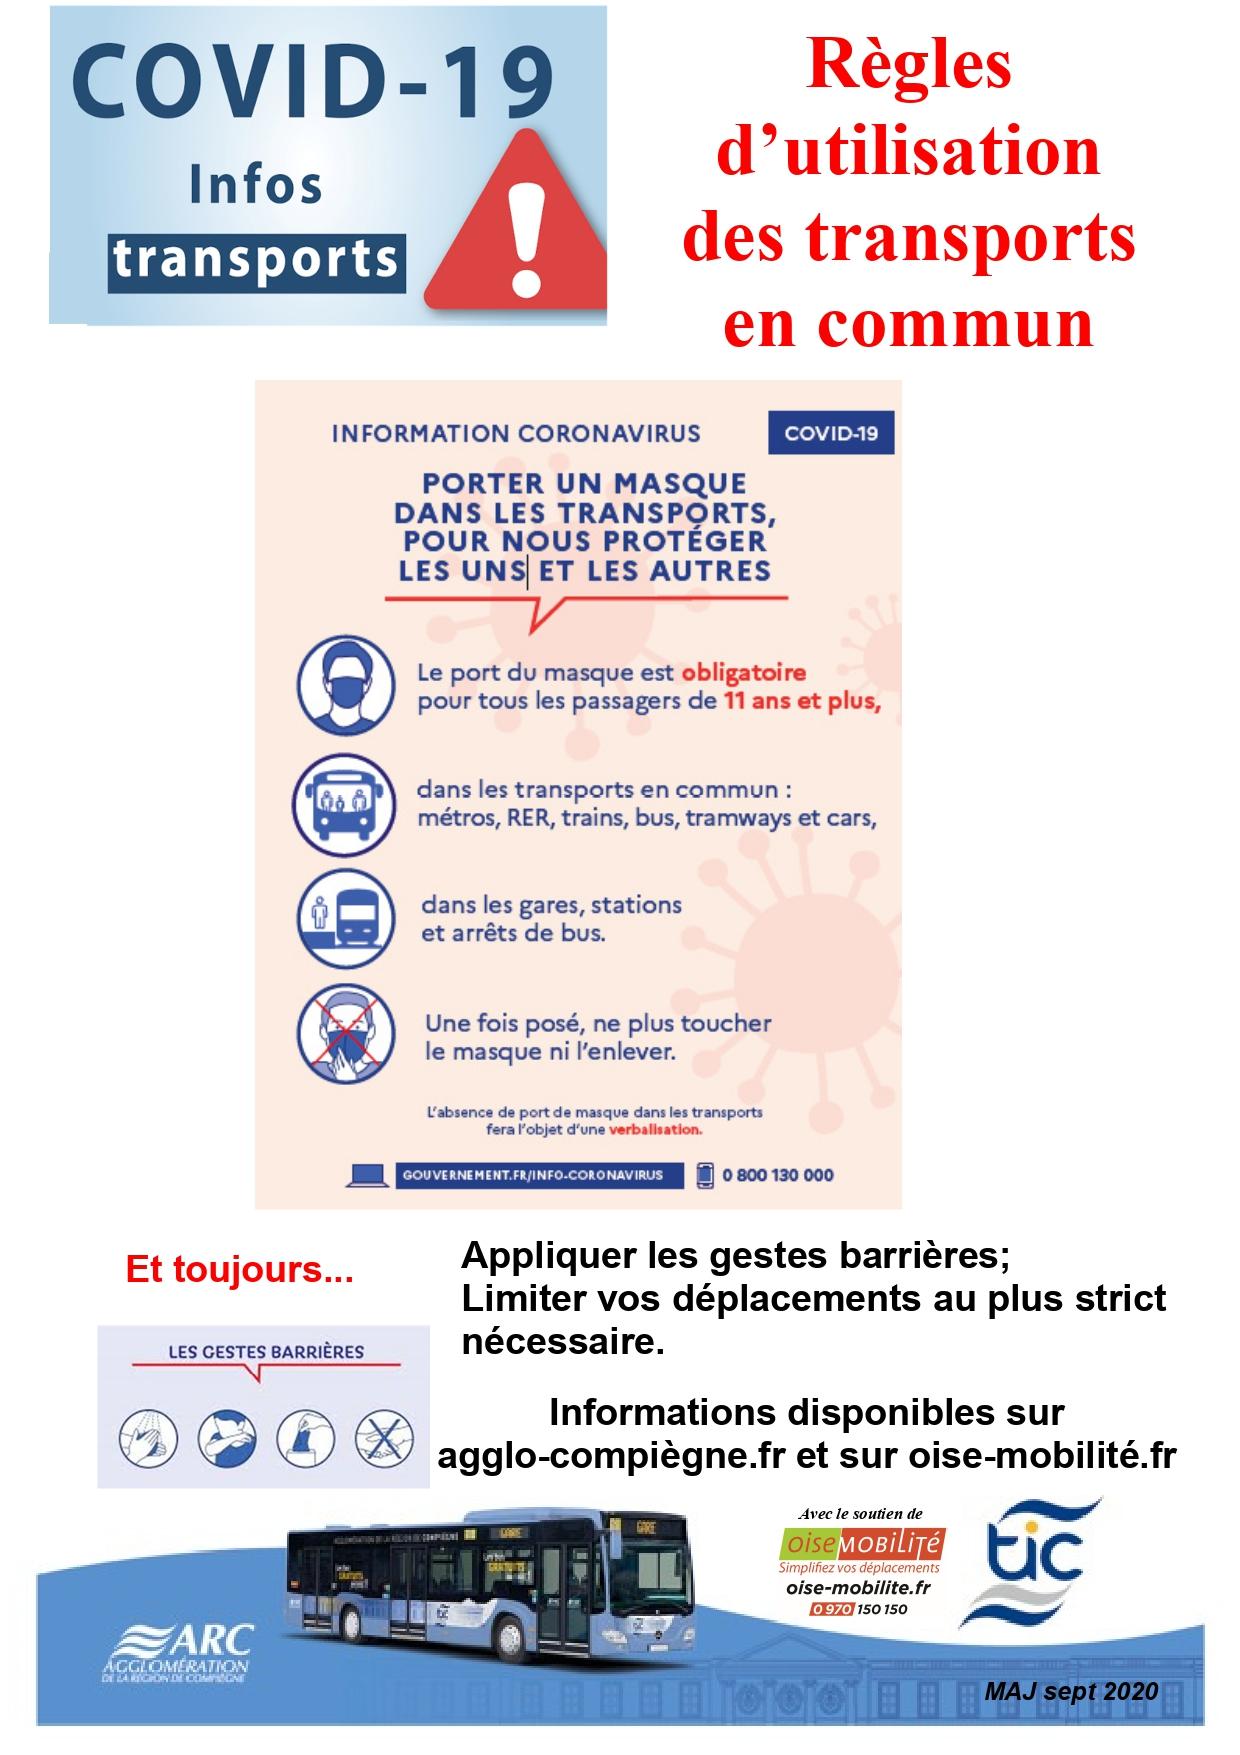 Affiche règles à respecter dans les transports sept 2020_page-0001.jpg